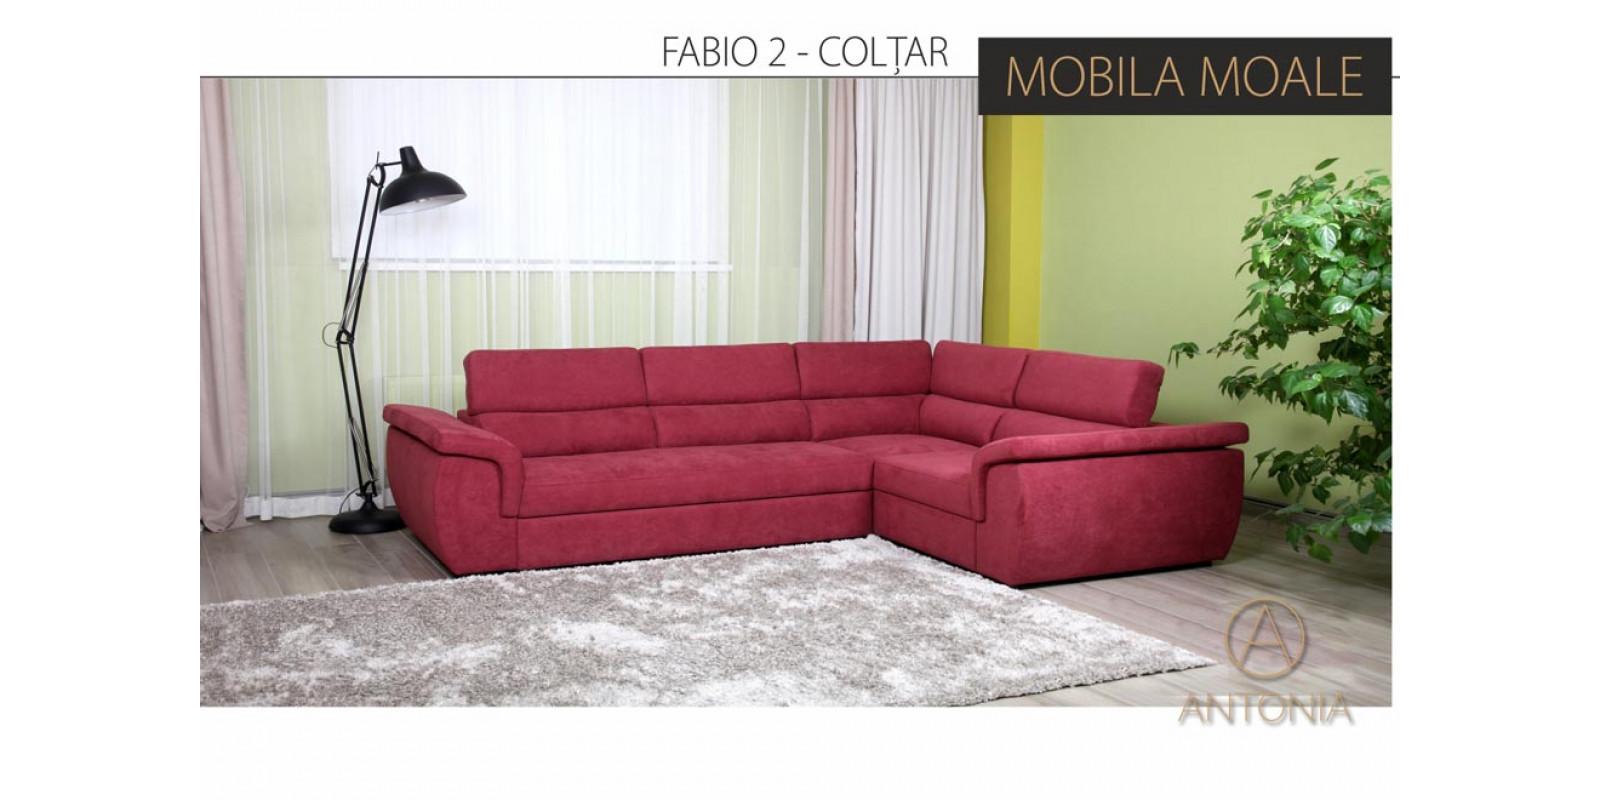 Coltar Fabio 2